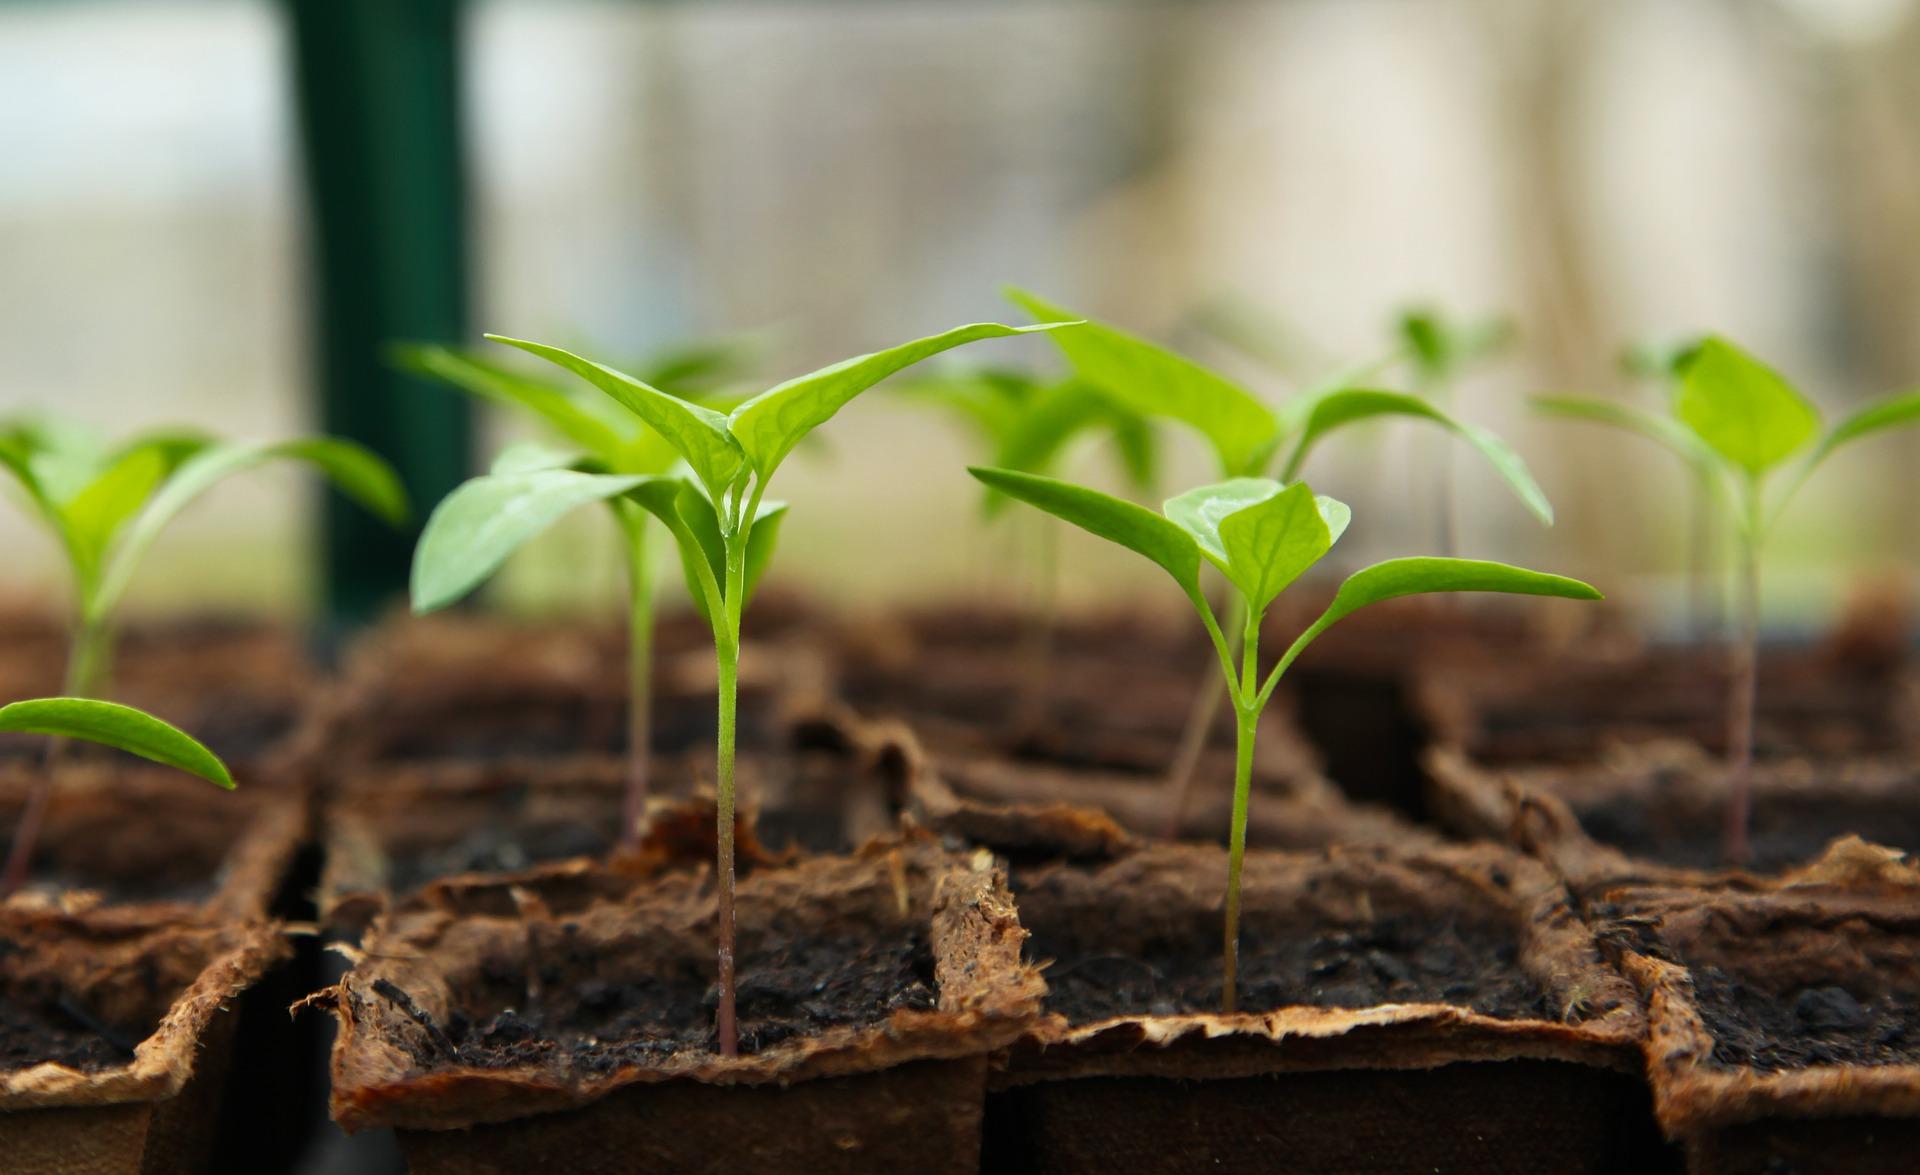 seedlings in planters